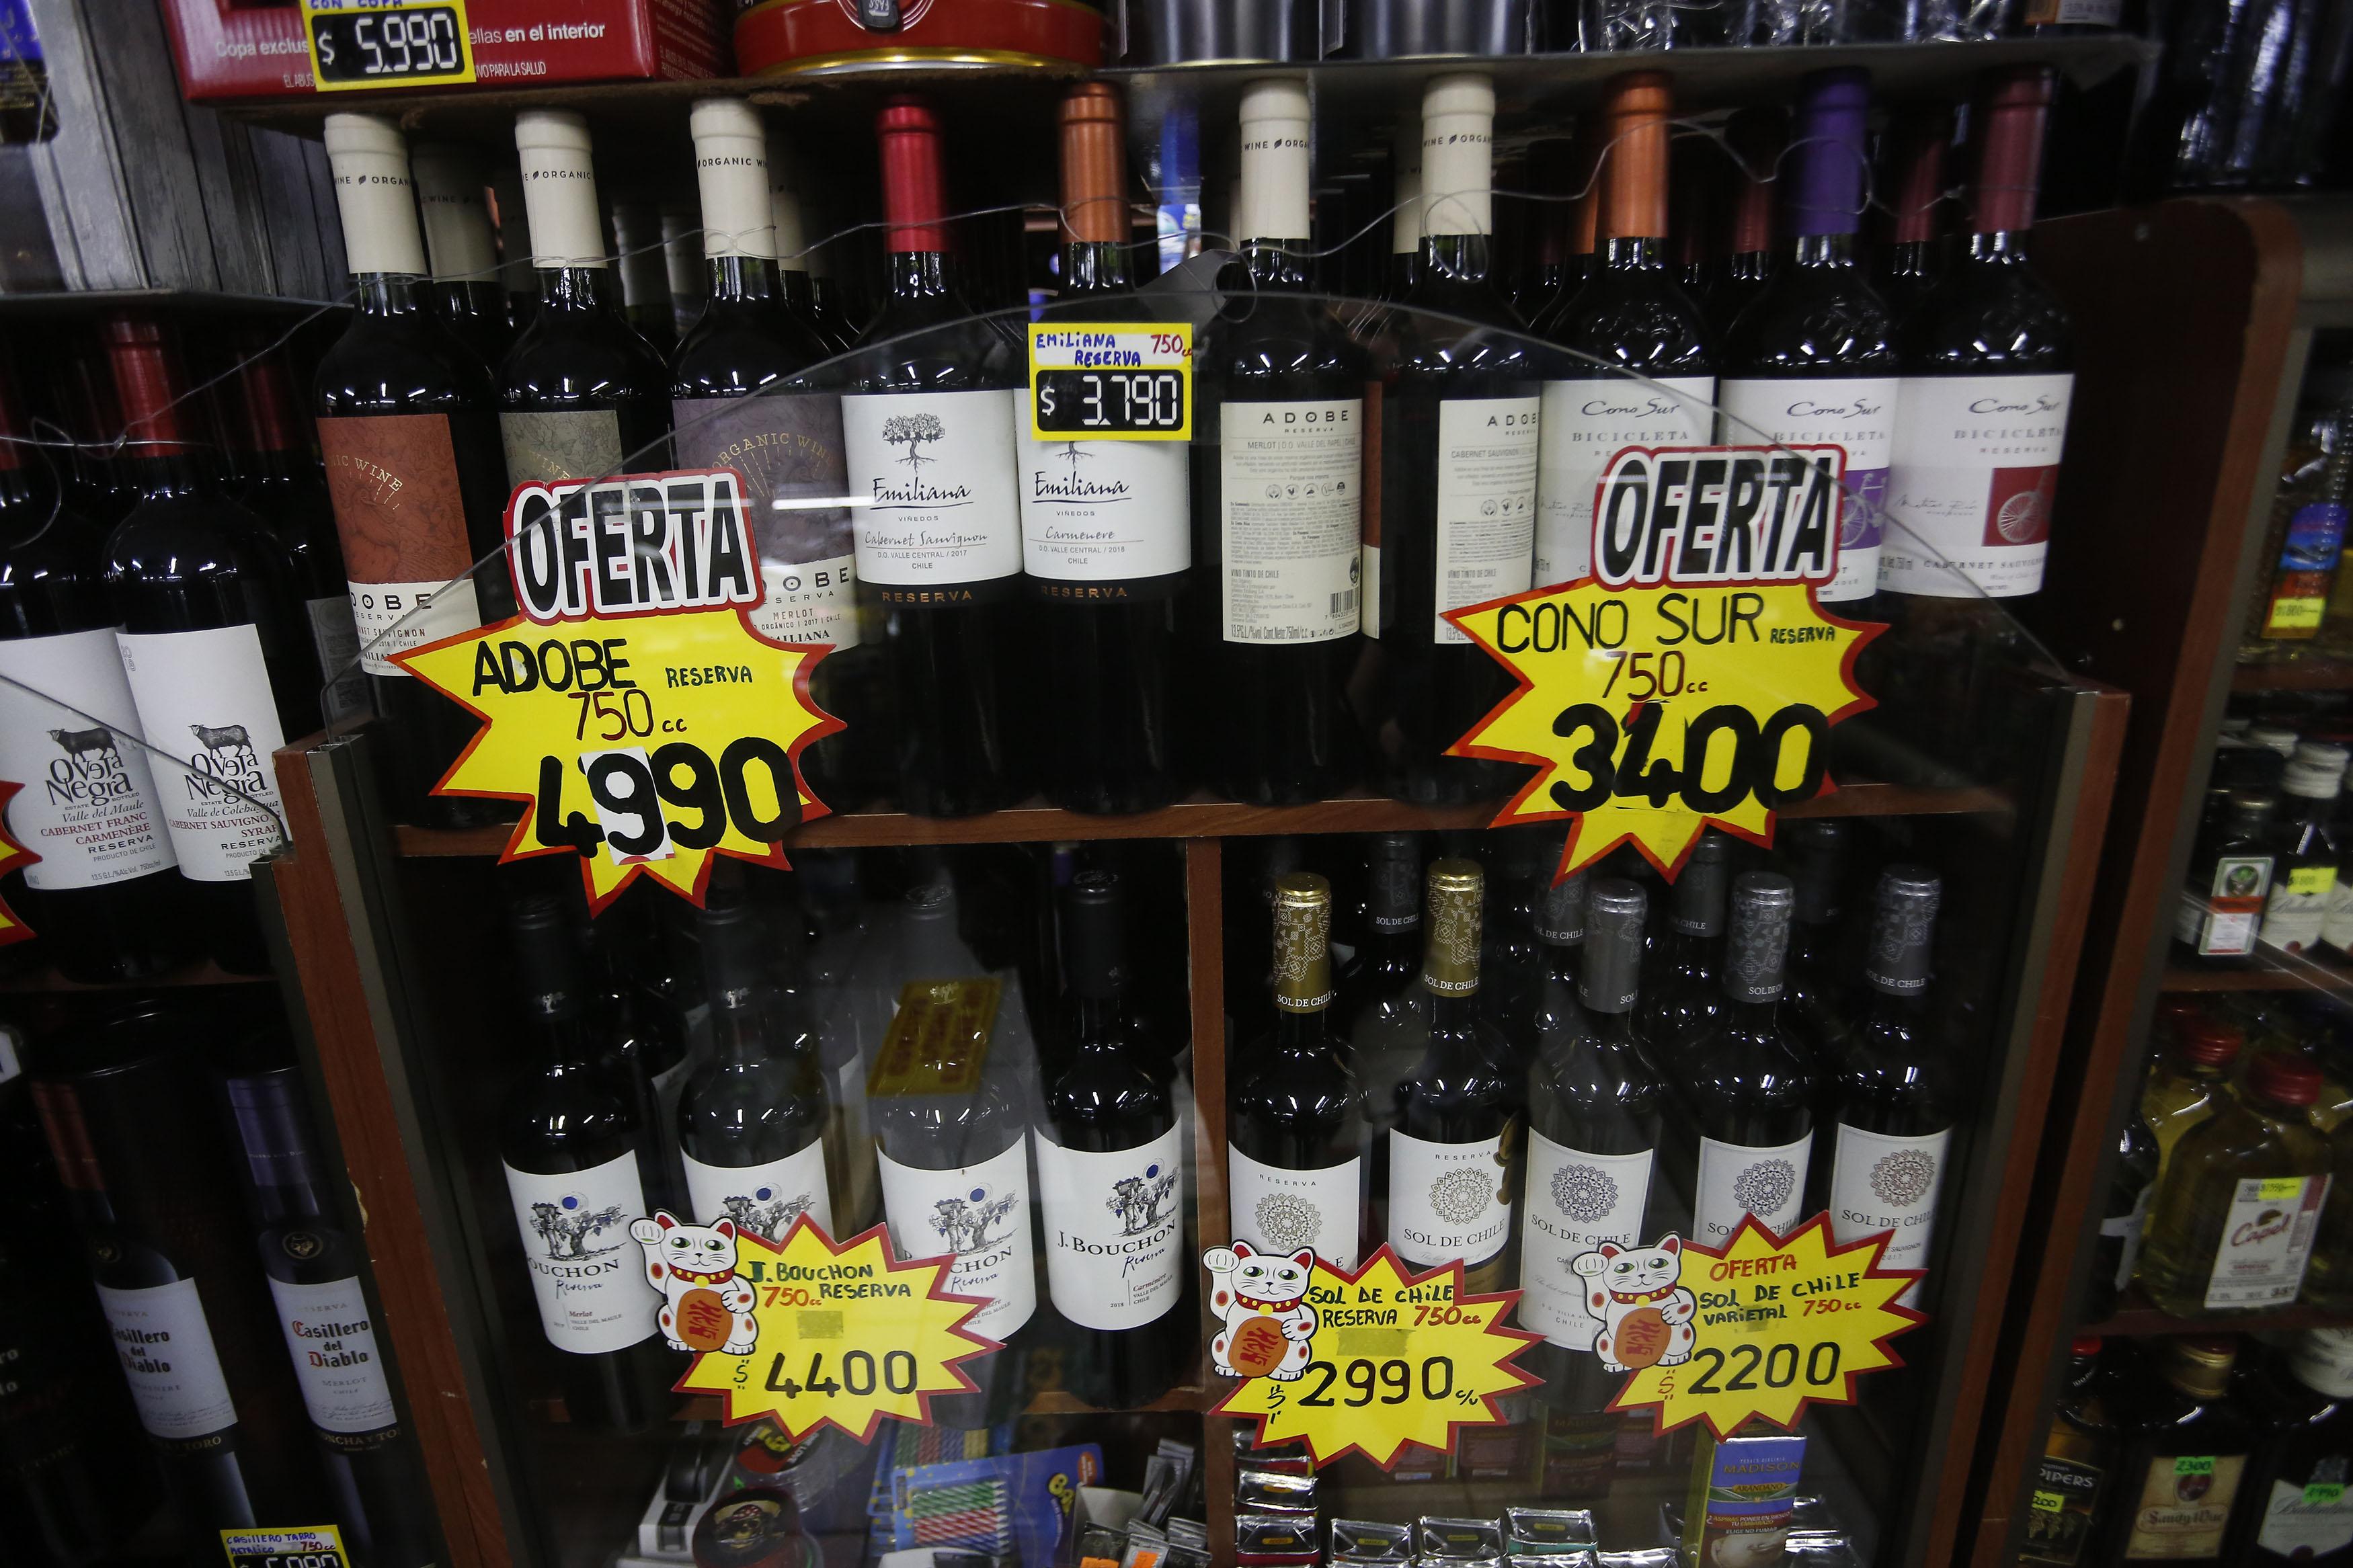 Buscan prohibir venta de alcohol a menores de edad por apps de delivery